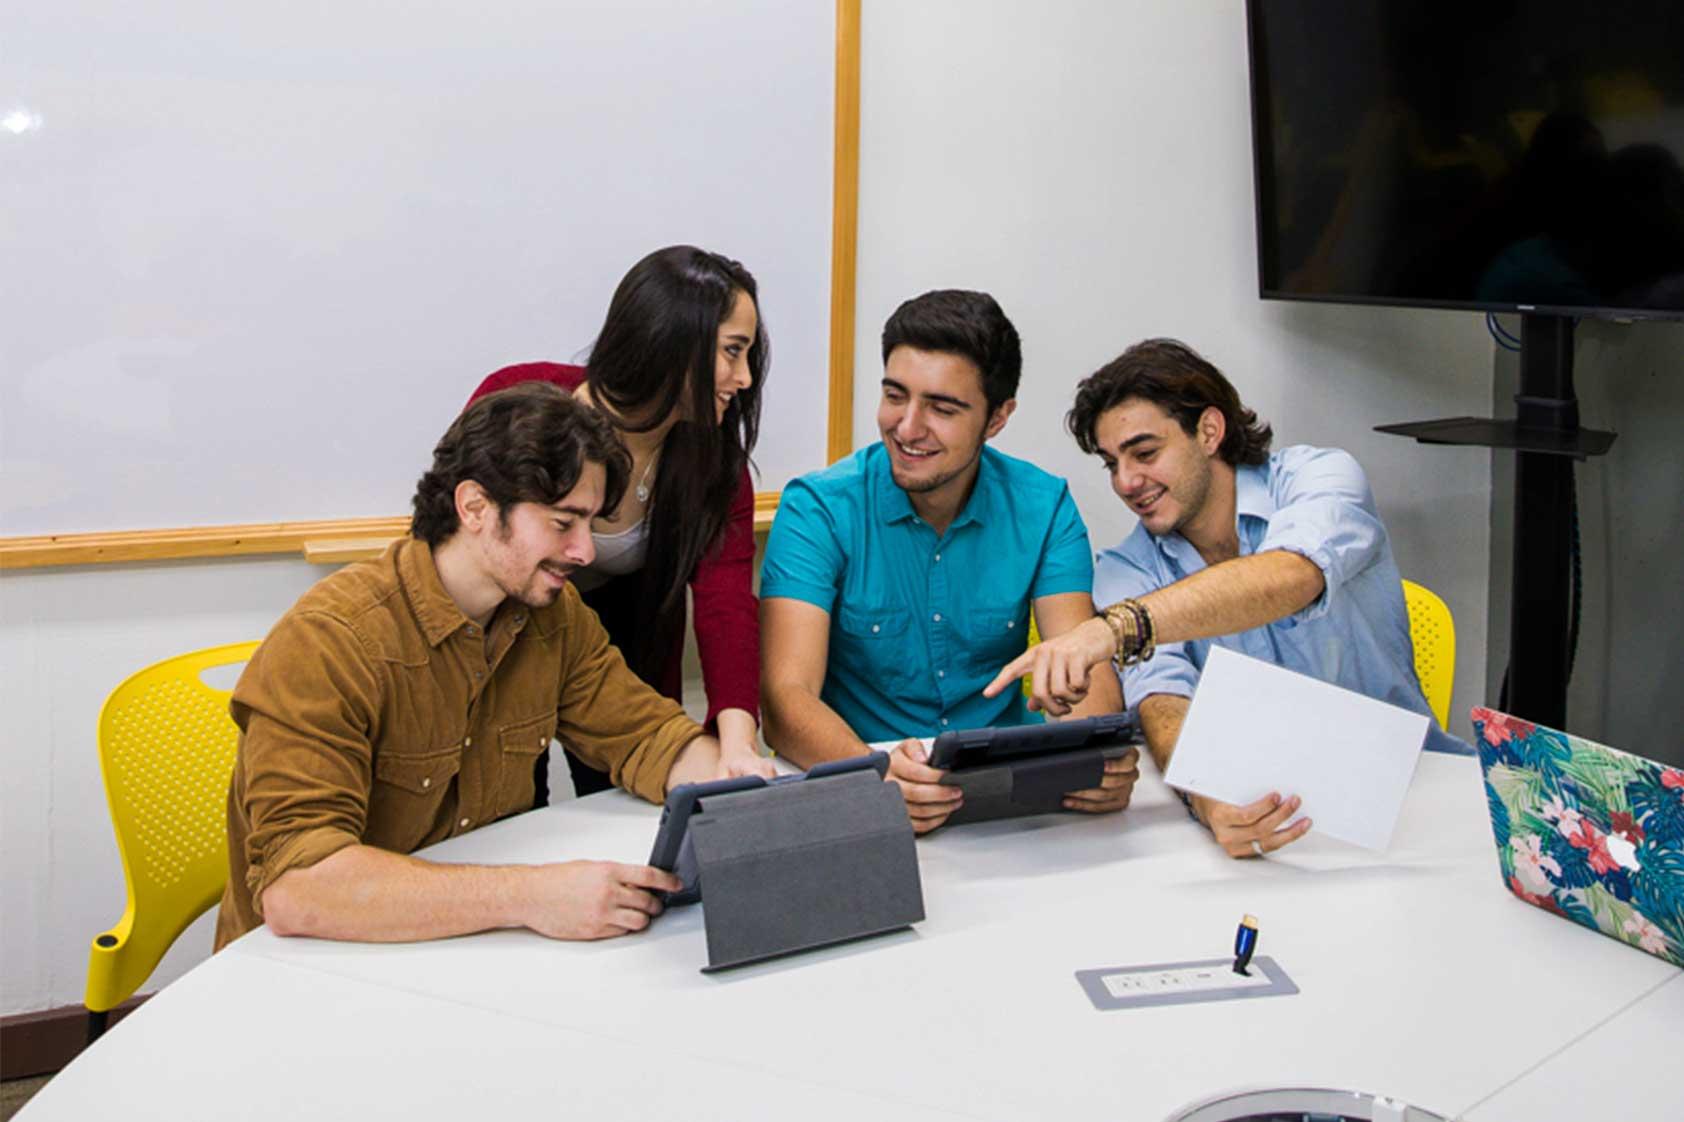 ¿Cómo podemos crear buenos hábitos de estudio en casa?